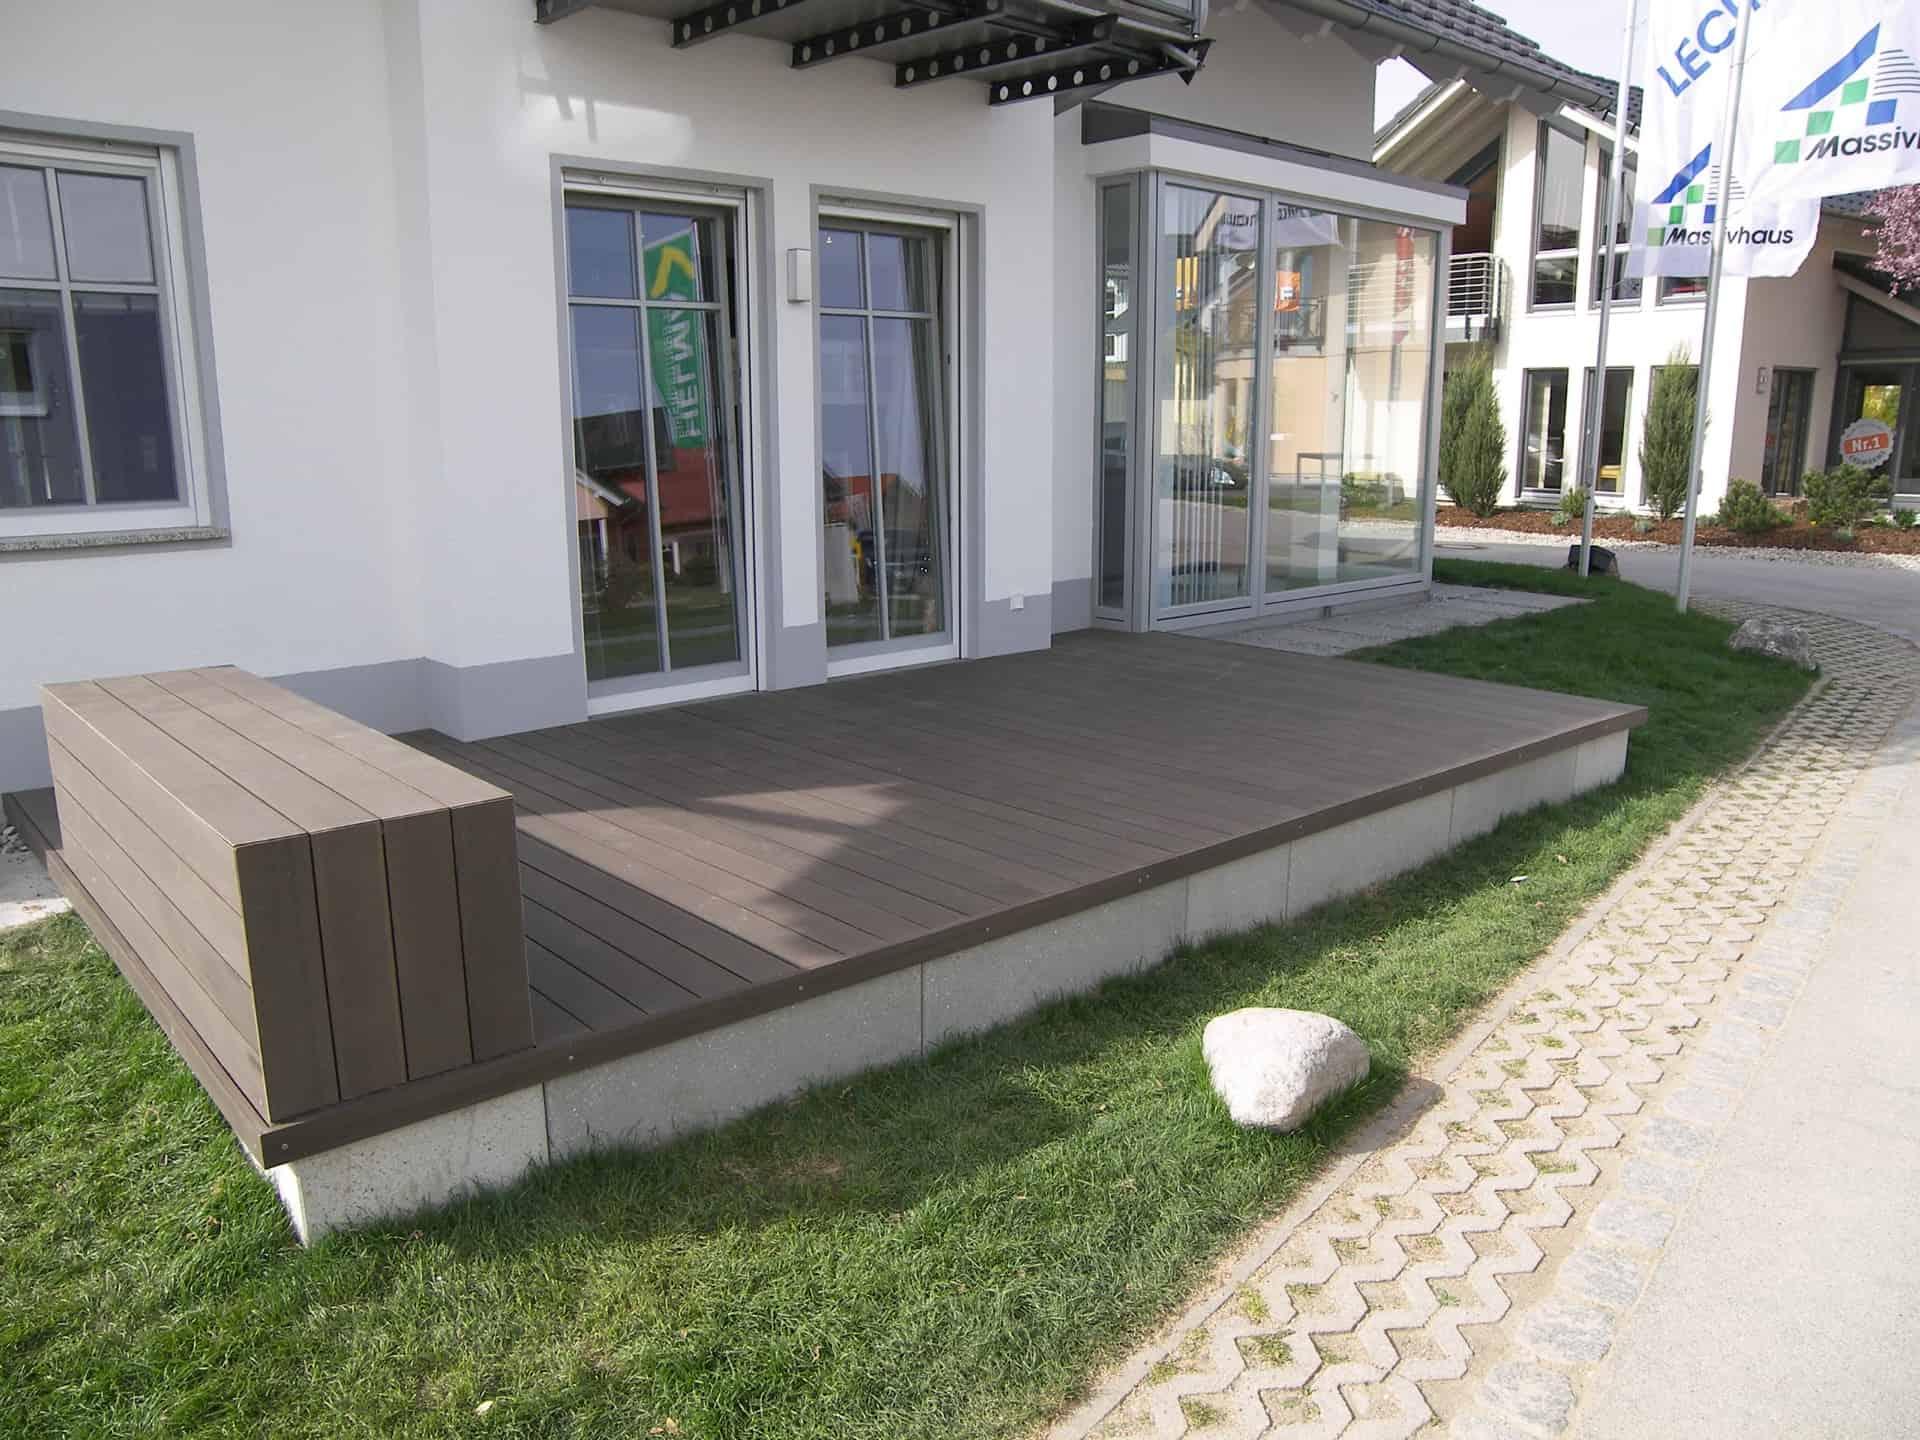 terrasse summerfield ihr spezialist f r resysta. Black Bedroom Furniture Sets. Home Design Ideas